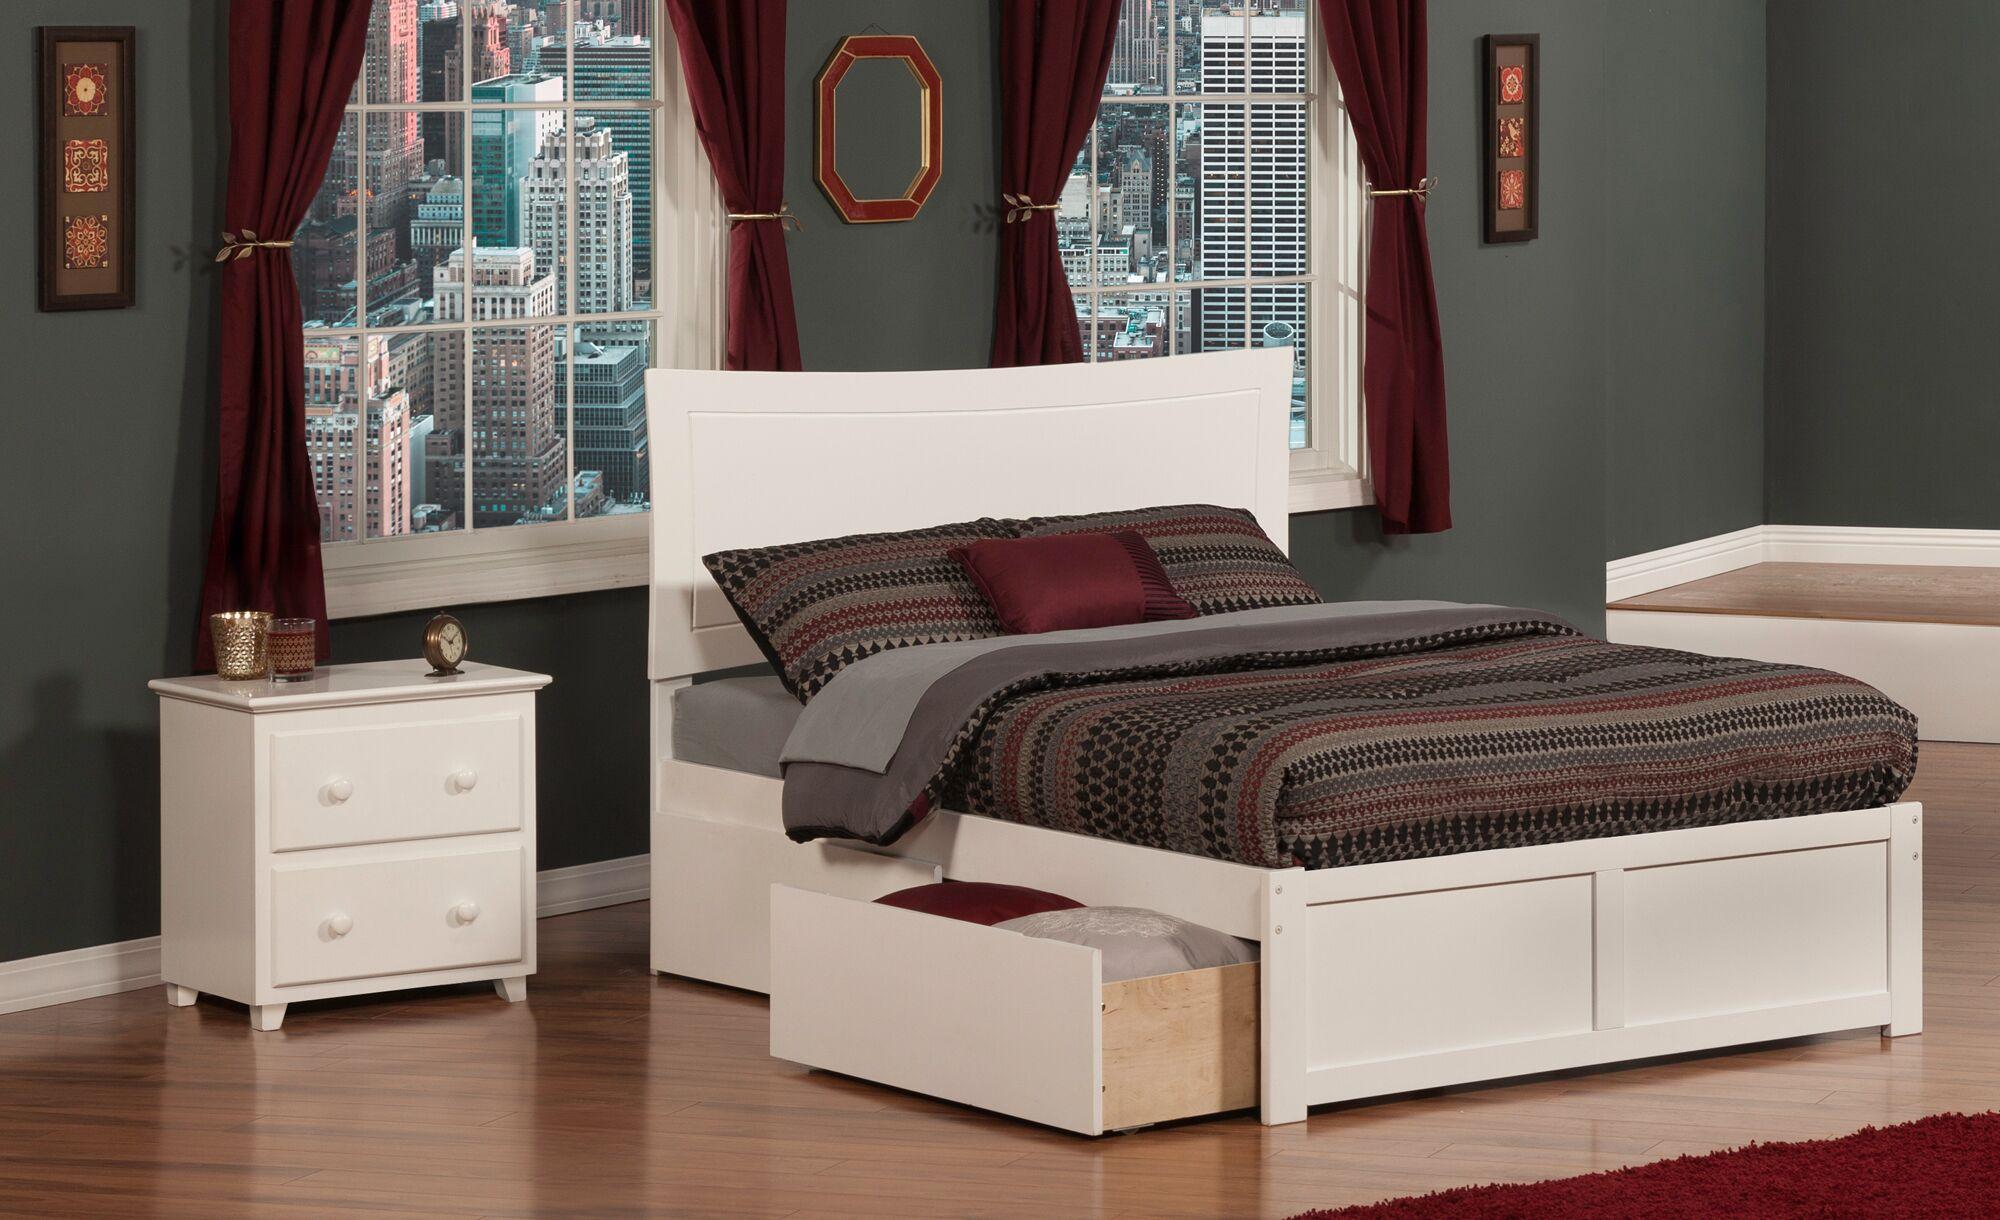 Egon Panel 2 Piece Bedroom Set Finish: White, Size: Full